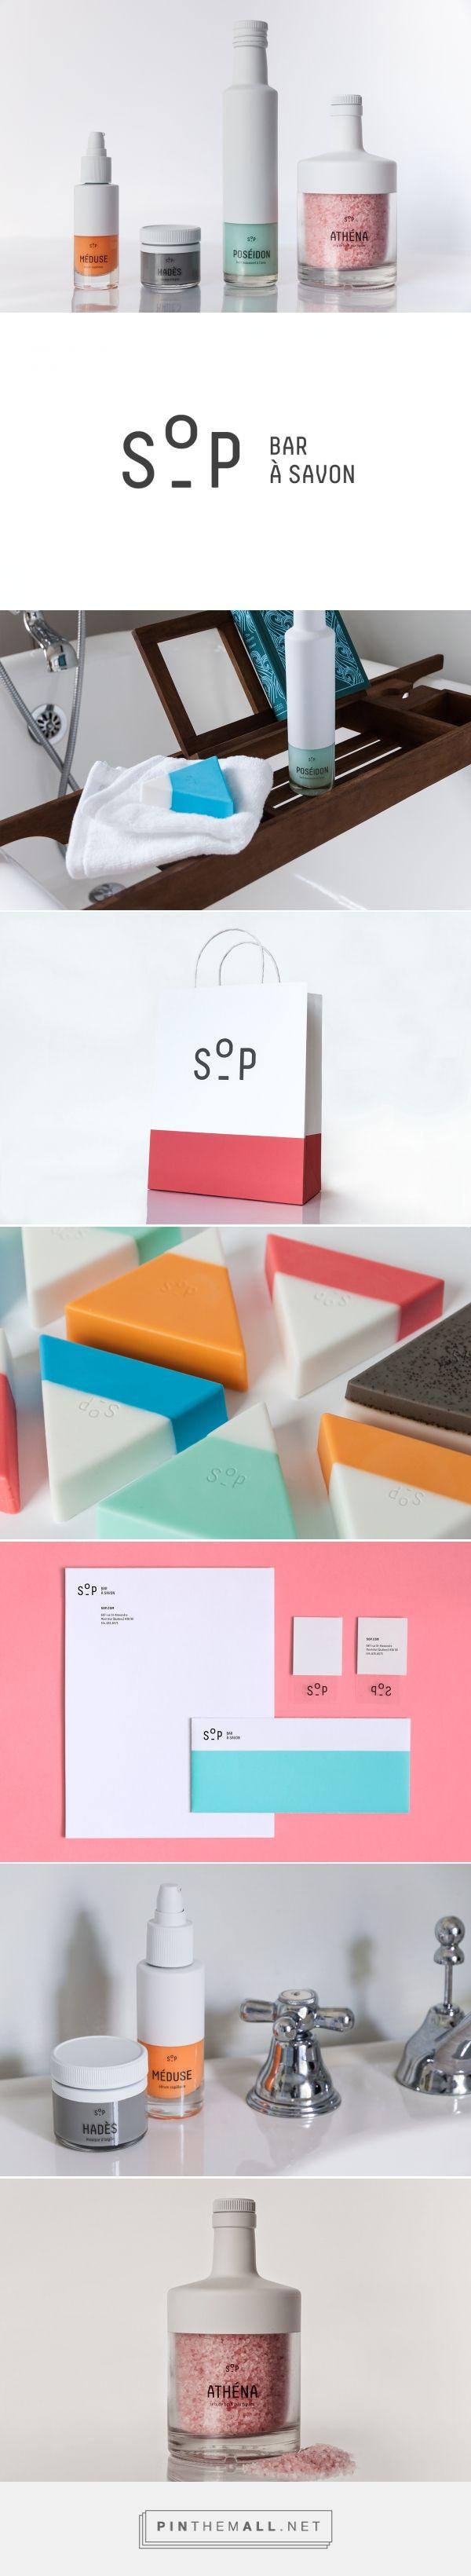 Des lettres az coloriage xpx coloriage enluminure lettre v page 2 car - Sop